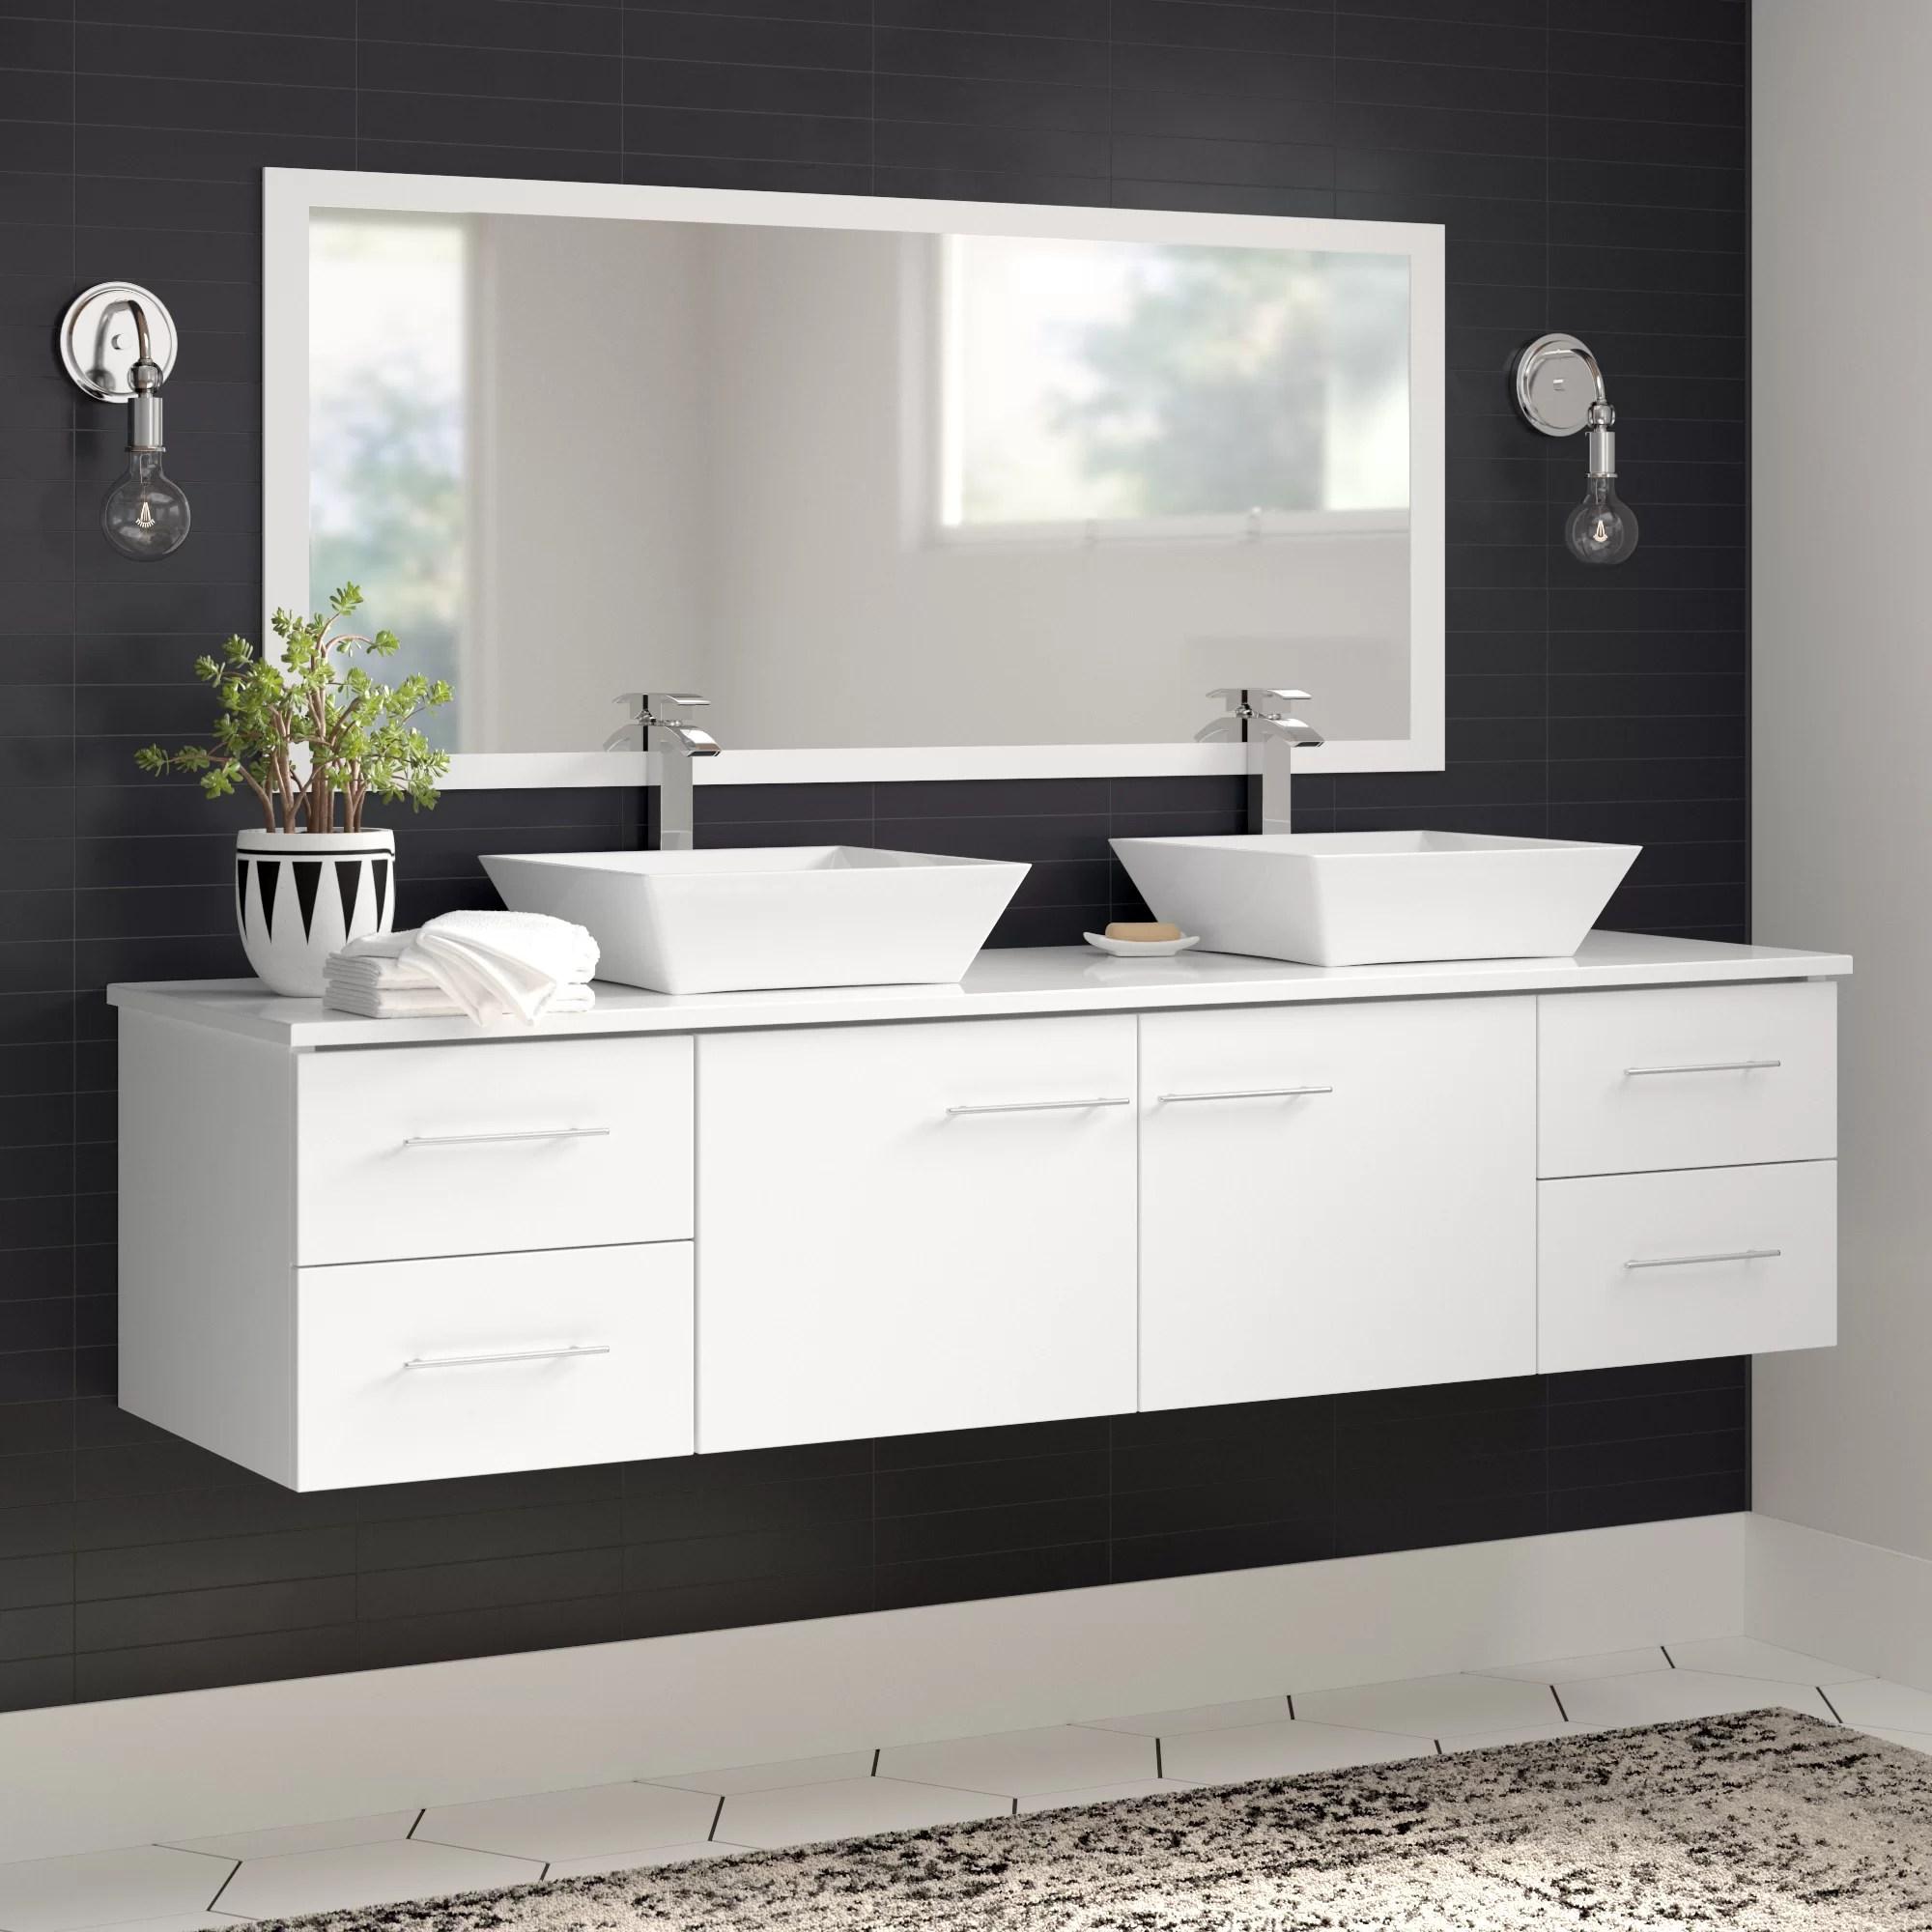 Lukes 72 Double Bathroom Vanity Set Reviews Allmodern